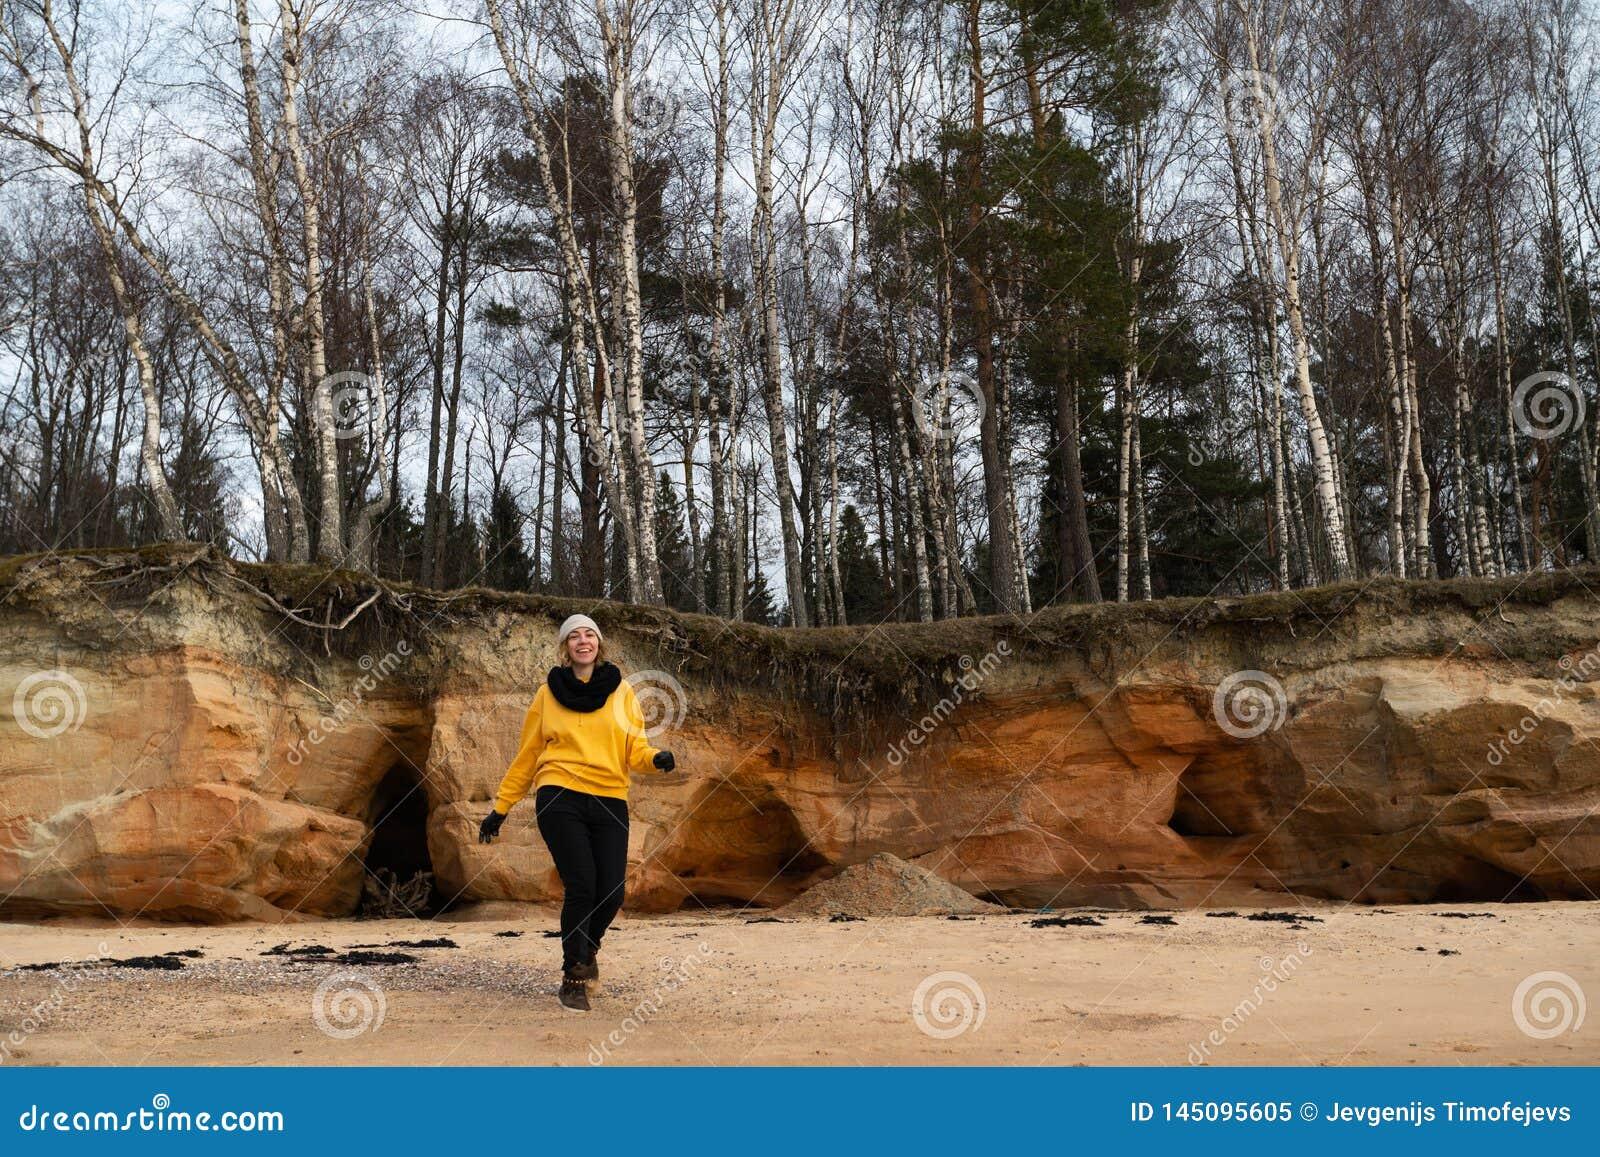 Glücklicher Sport- und Modeliebhaberenthusiast, der auf einem Strand trägt helle gelbe Strickjacke und schwarze Handschuhe und